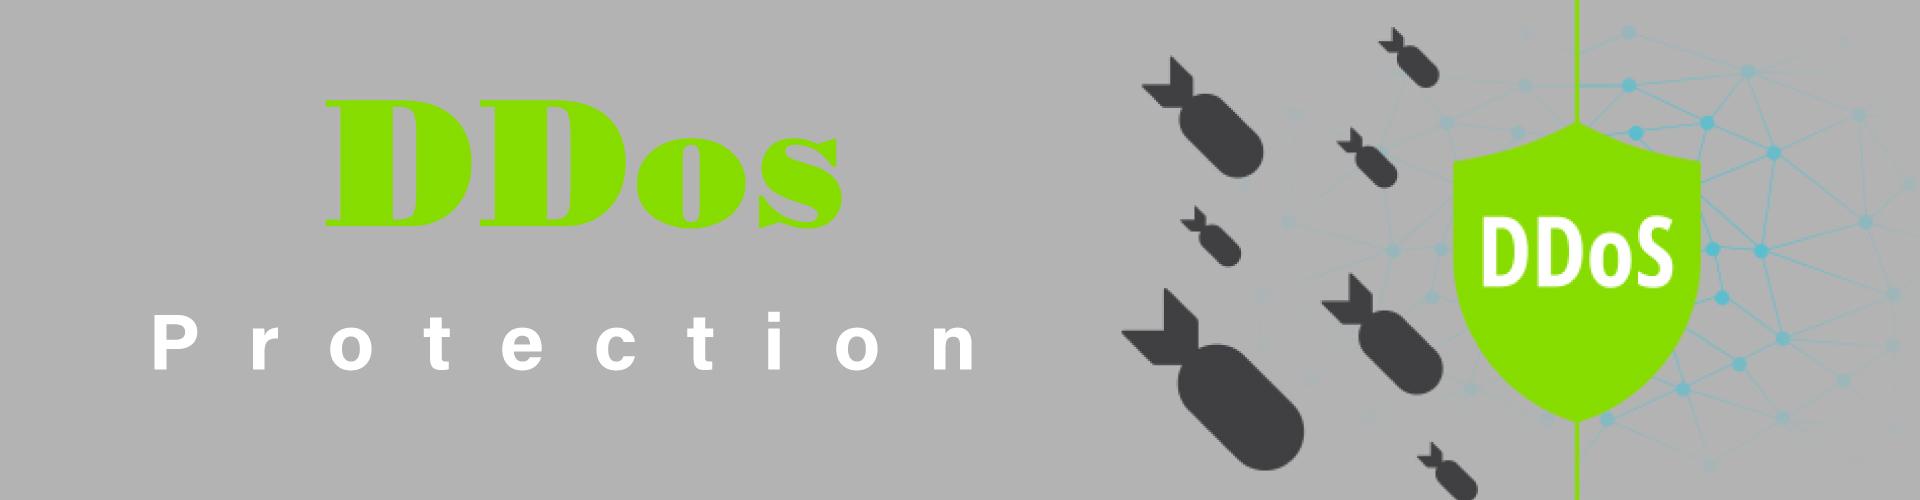 DDos.1